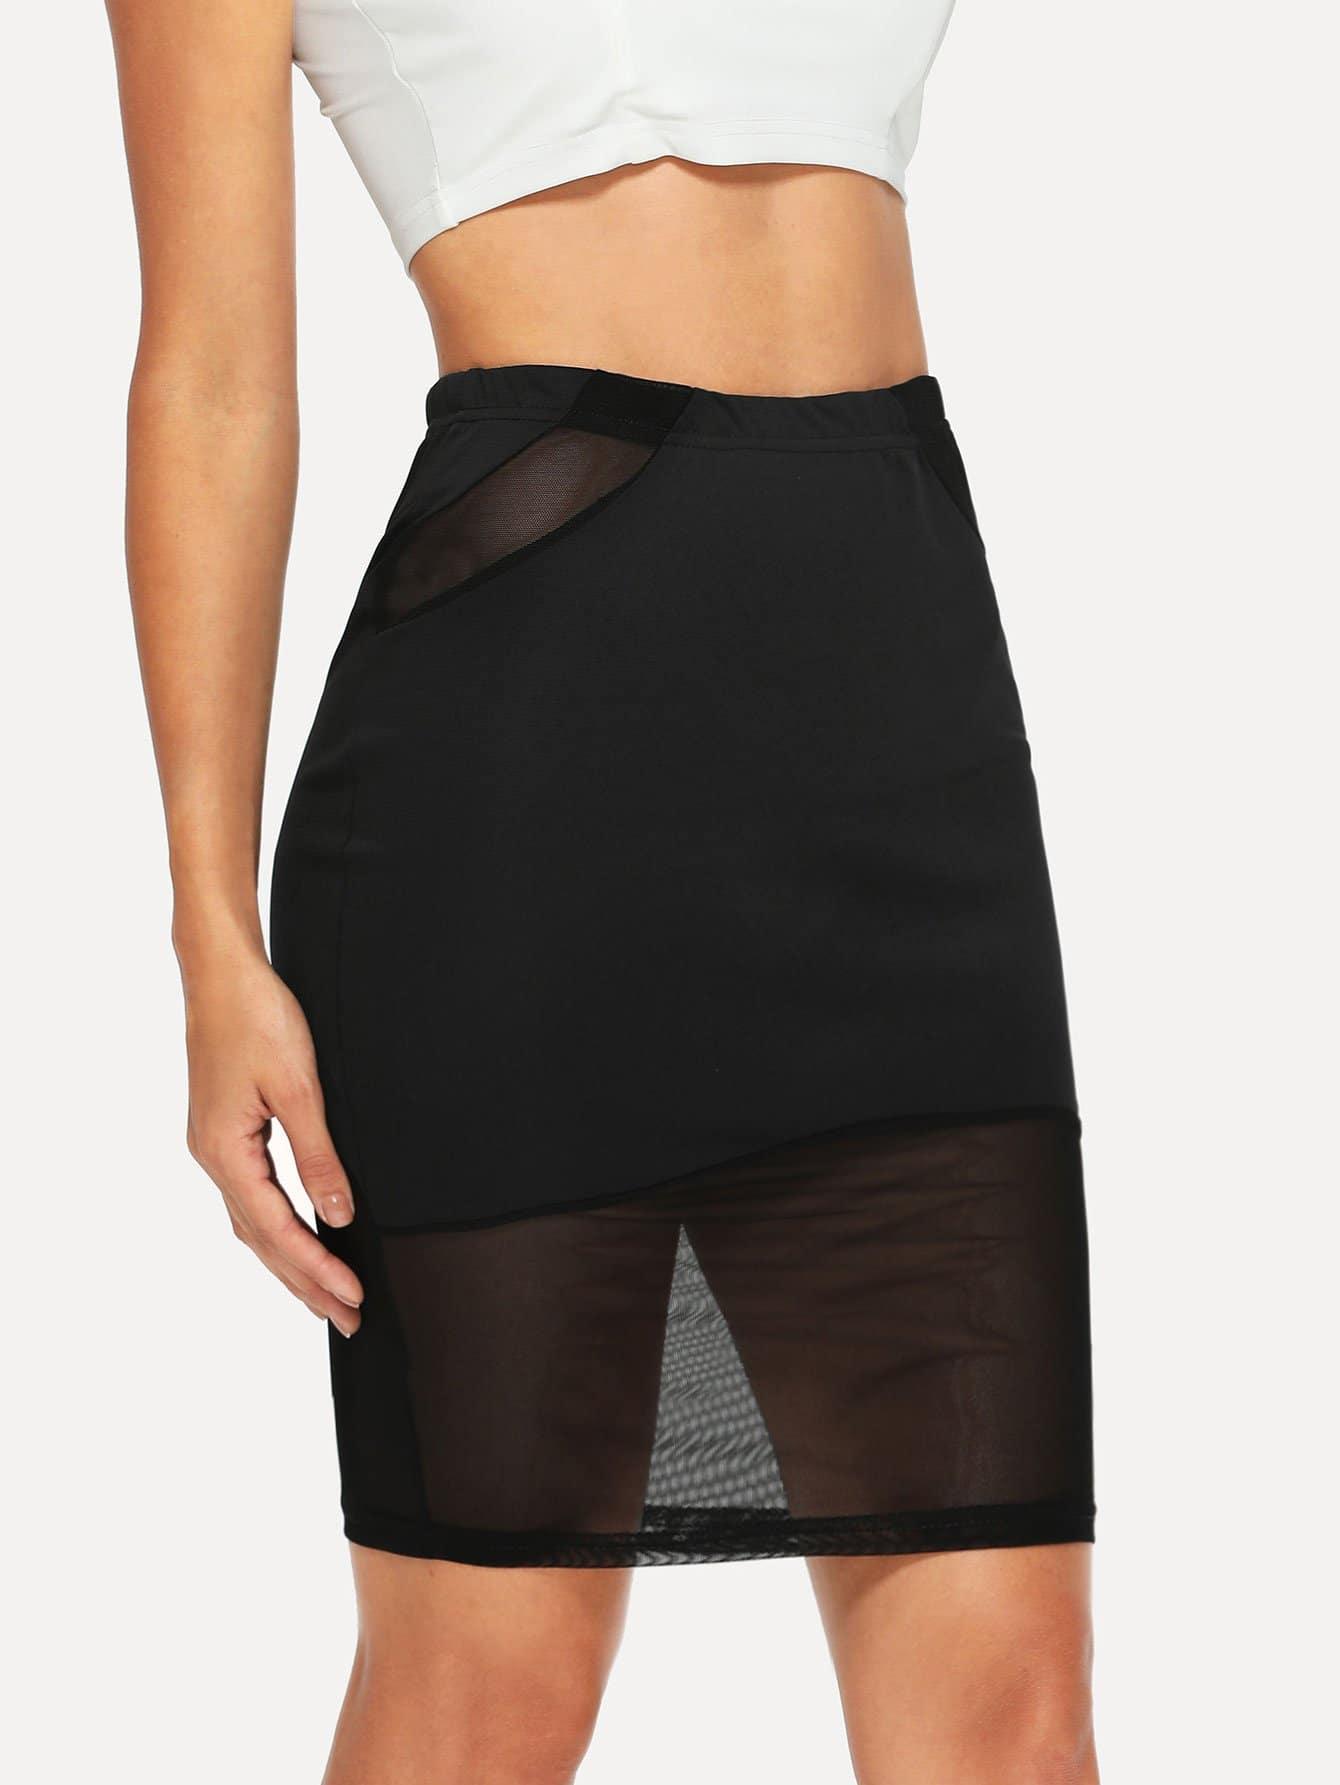 Купить Эластичная сетчатая сетчатая юбка, Juliana, SheIn